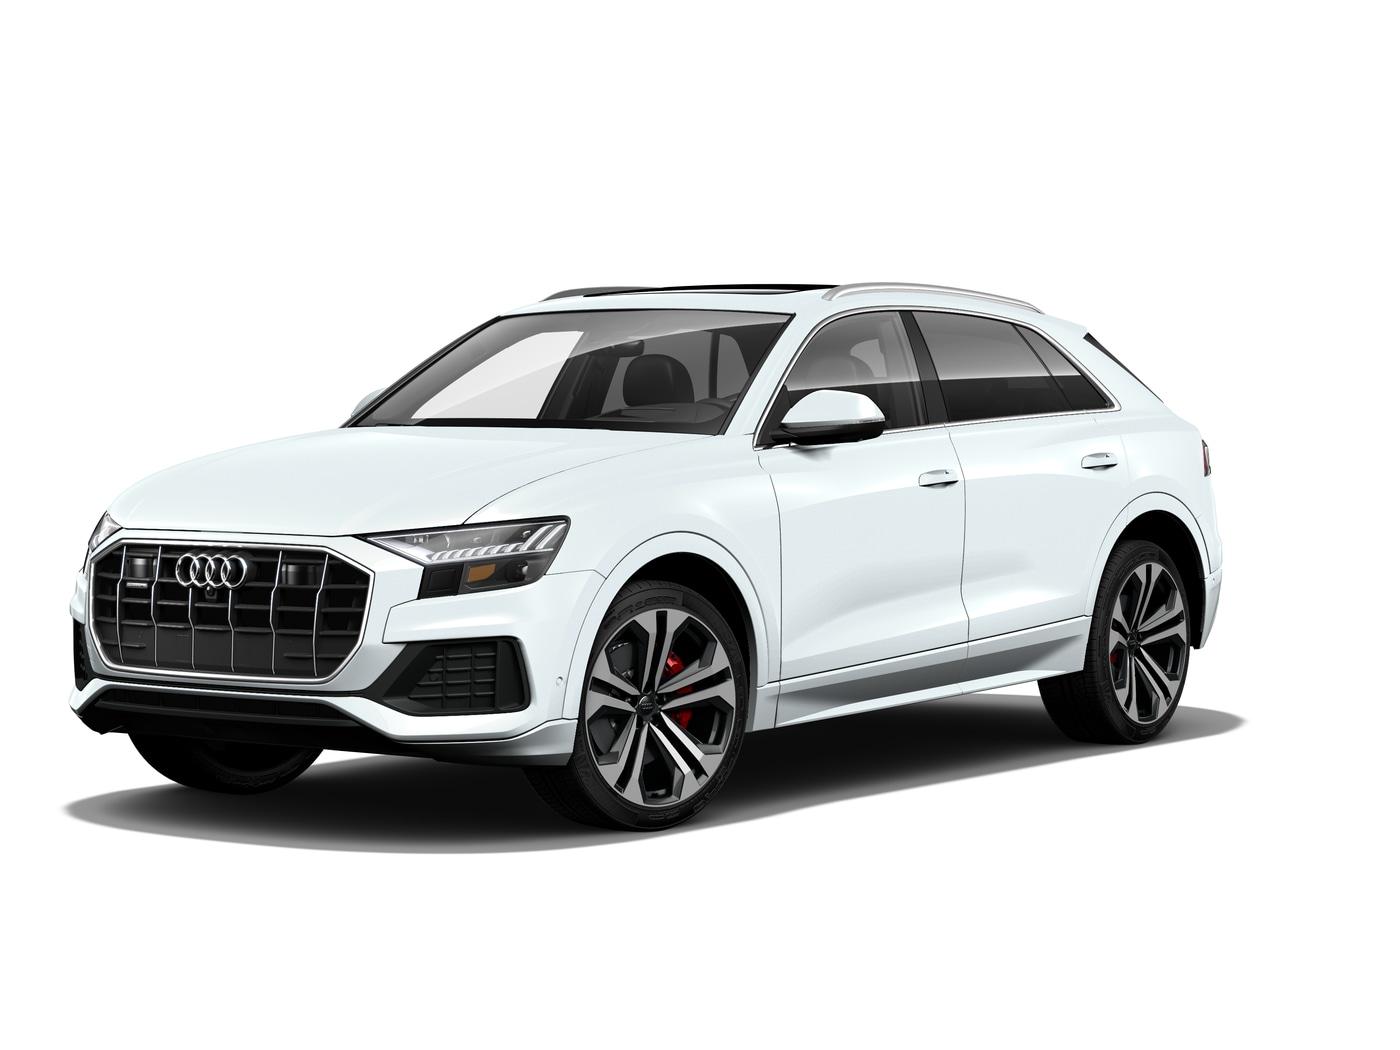 2019 Audi Q8 Prestige 55 TFSI quattro